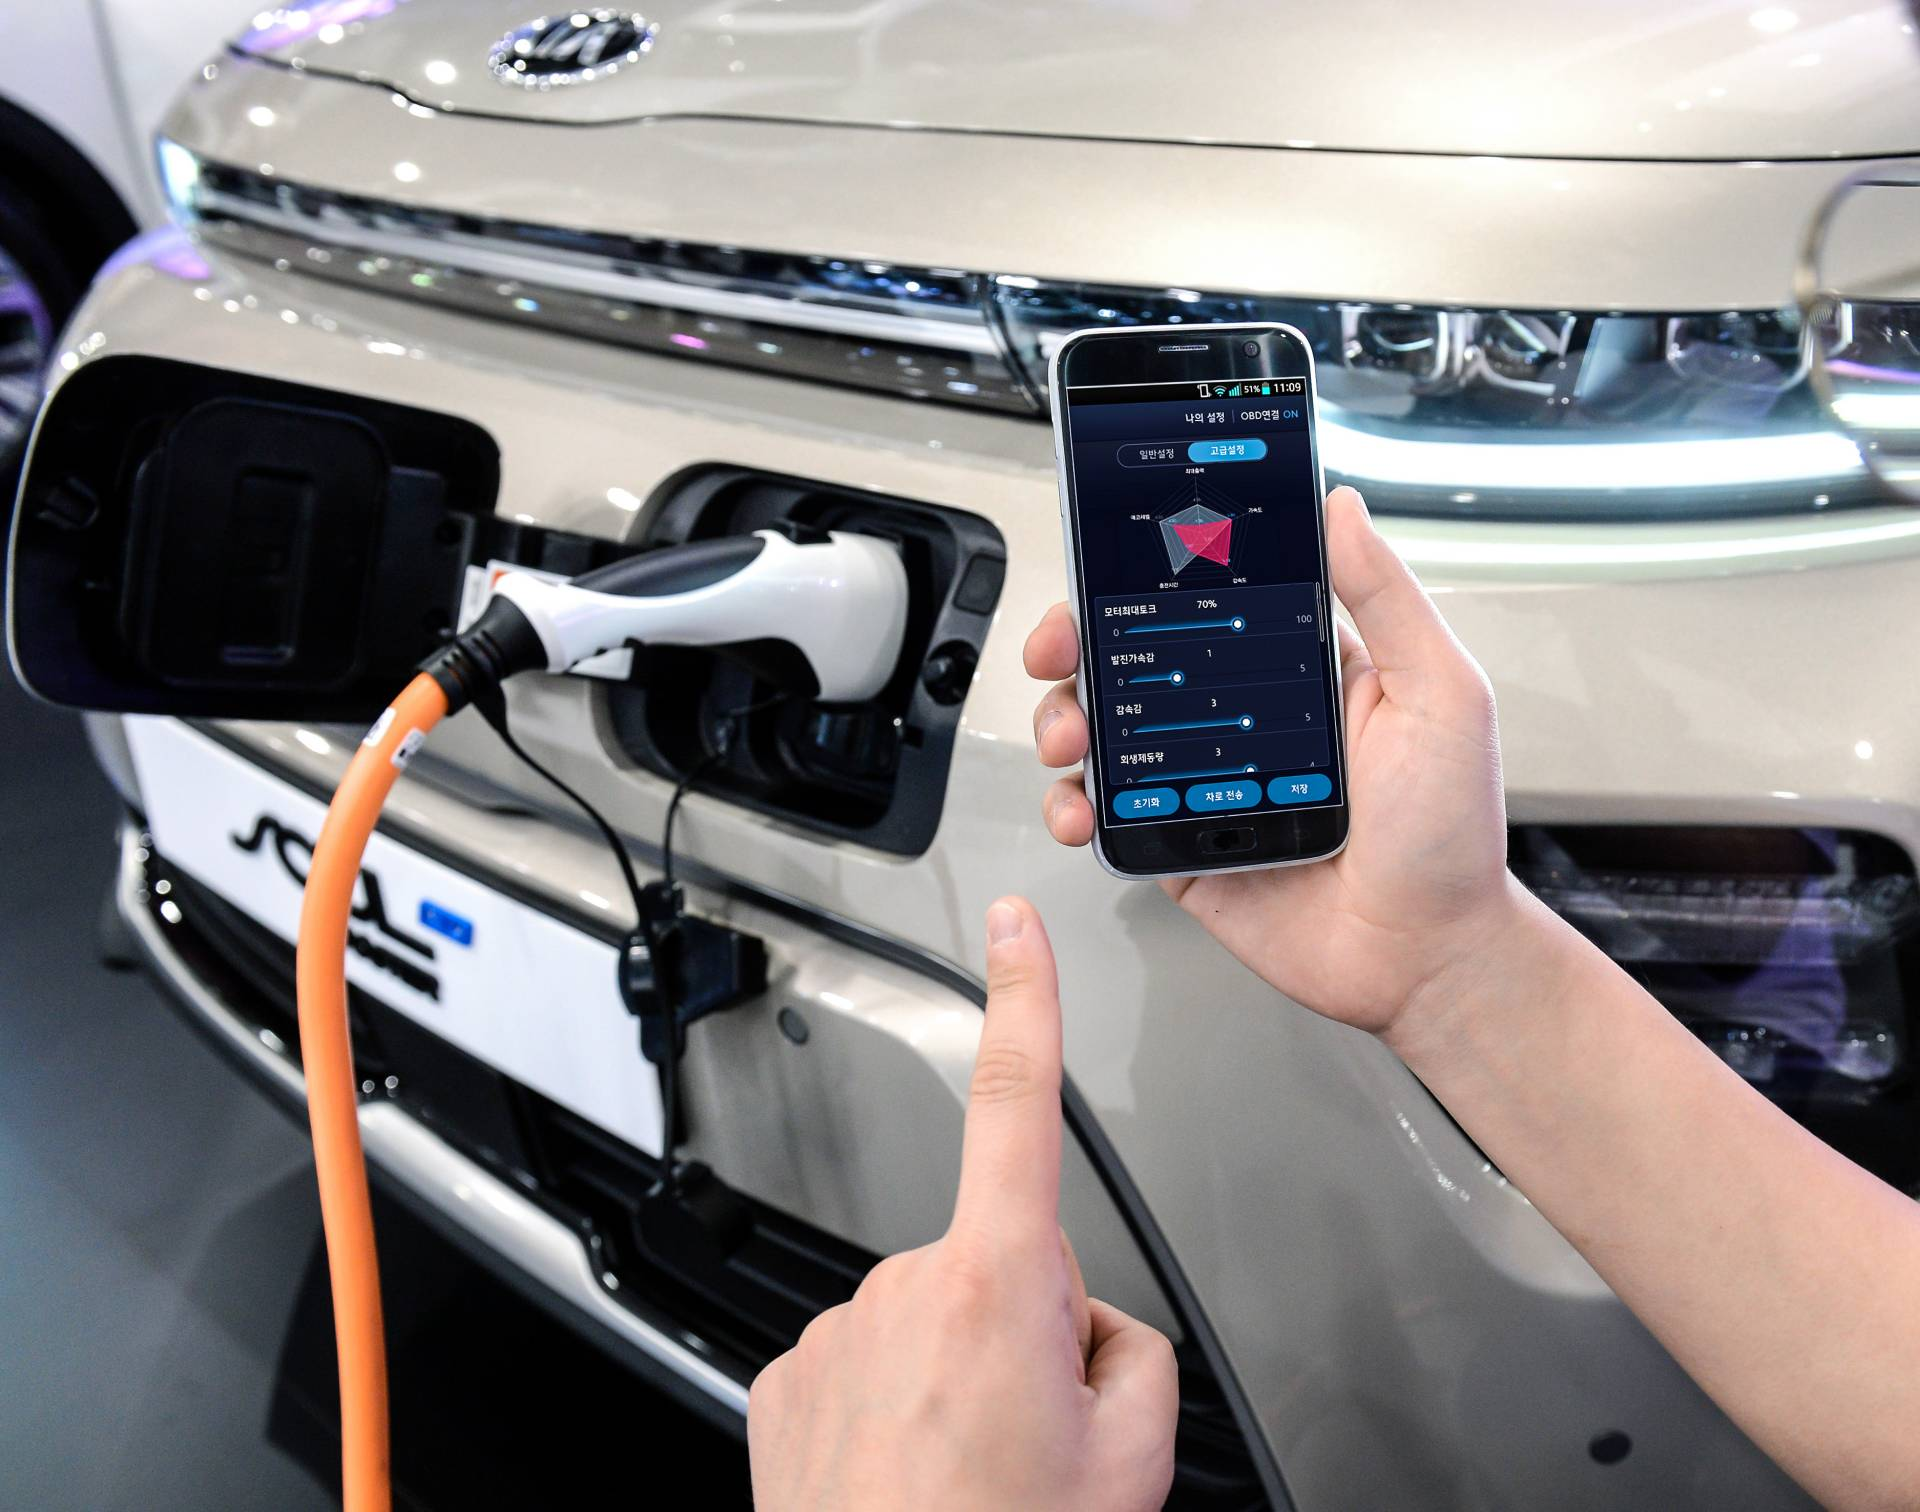 ترتيب هيونداي وكيا يرتفعان عالميا في مبيعات السيارات الكهربية